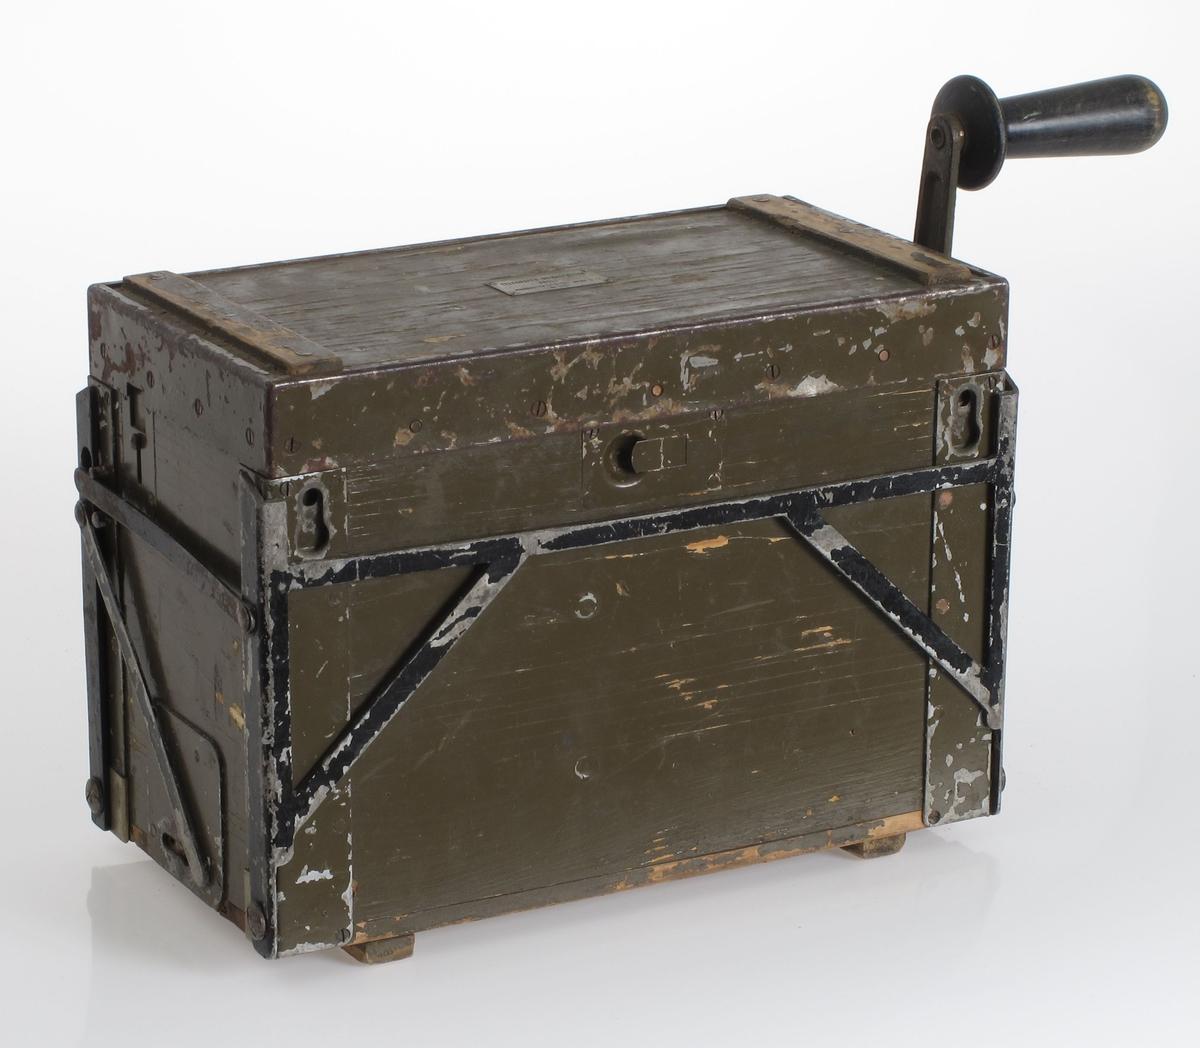 Lampe med dynamo som sveives. Ligger i transportkasse forsterket med jernbeslag. Malt jordgrønn. Kassa inneholder også reservedeler, som lyspærer.   Virkemåten er som en gammeldags sykkellykt. En lampe med glødetrådlampe lyser når dynamoen dreies rundt. I dette tilfelle dreies dynamoen med en sveiv  (med svinghjul).   Papir med innholdsfortegnelse på lokkets underside.